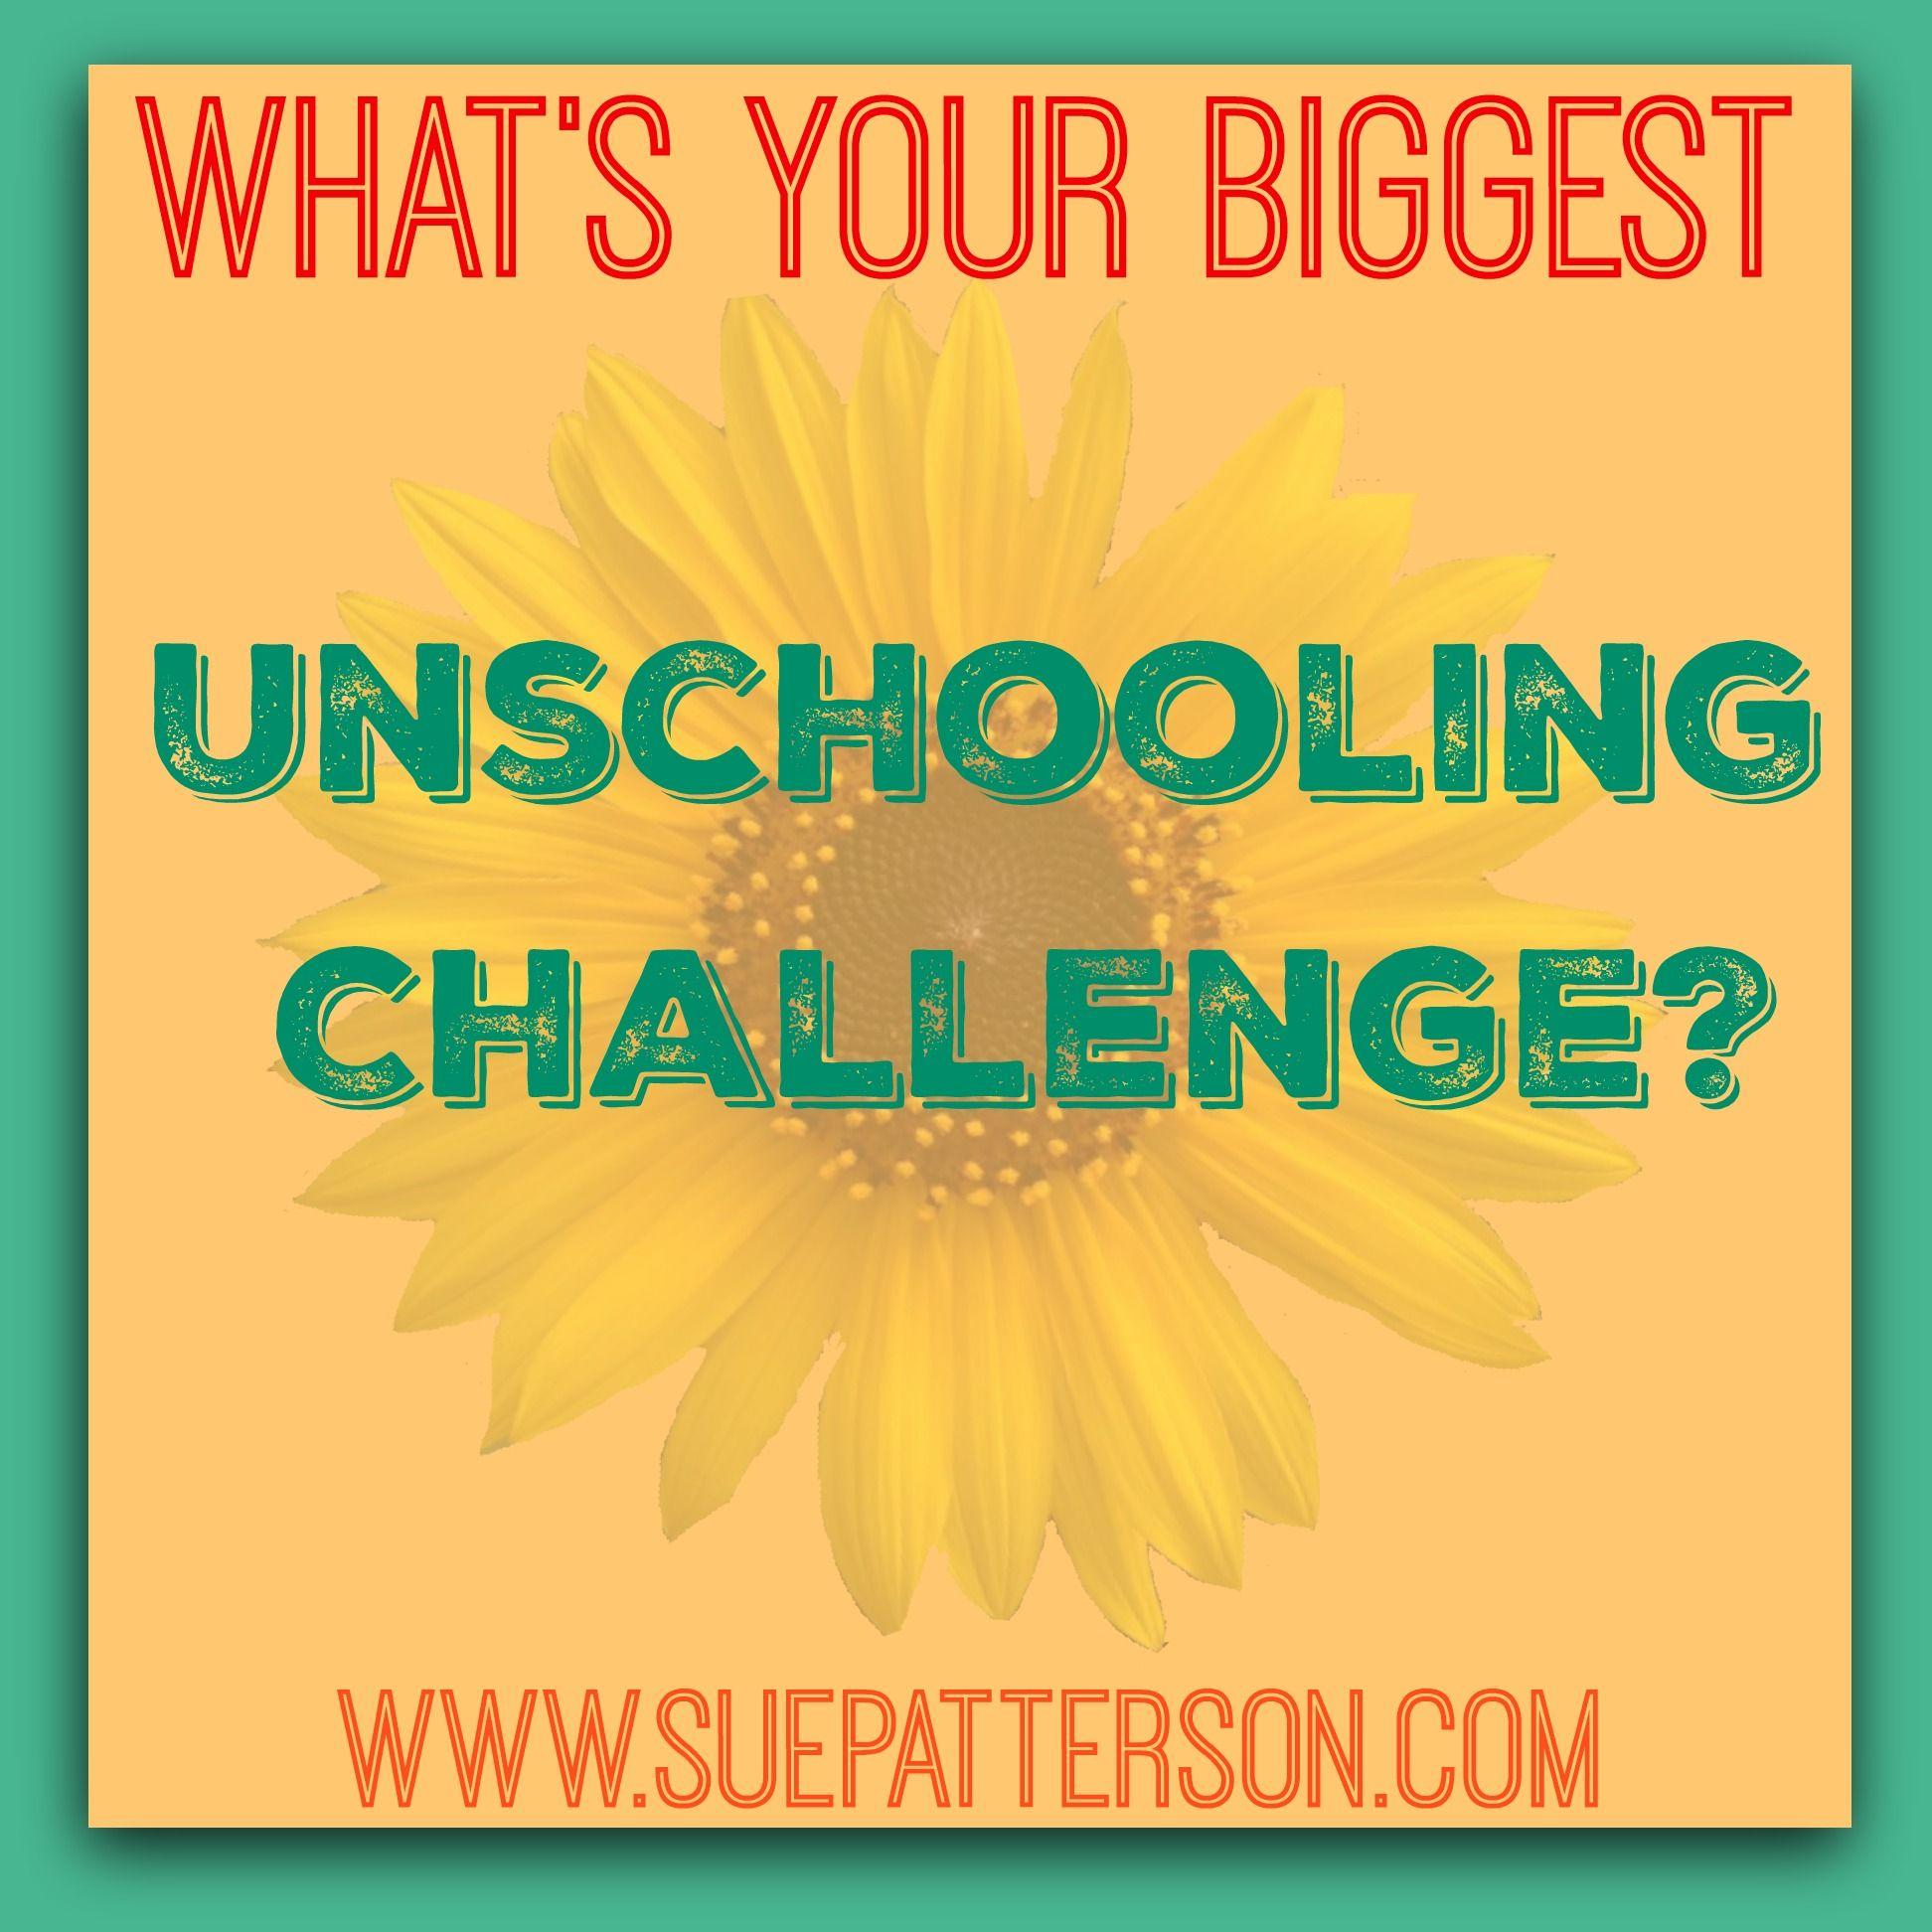 Biggest Unschooling Challenge